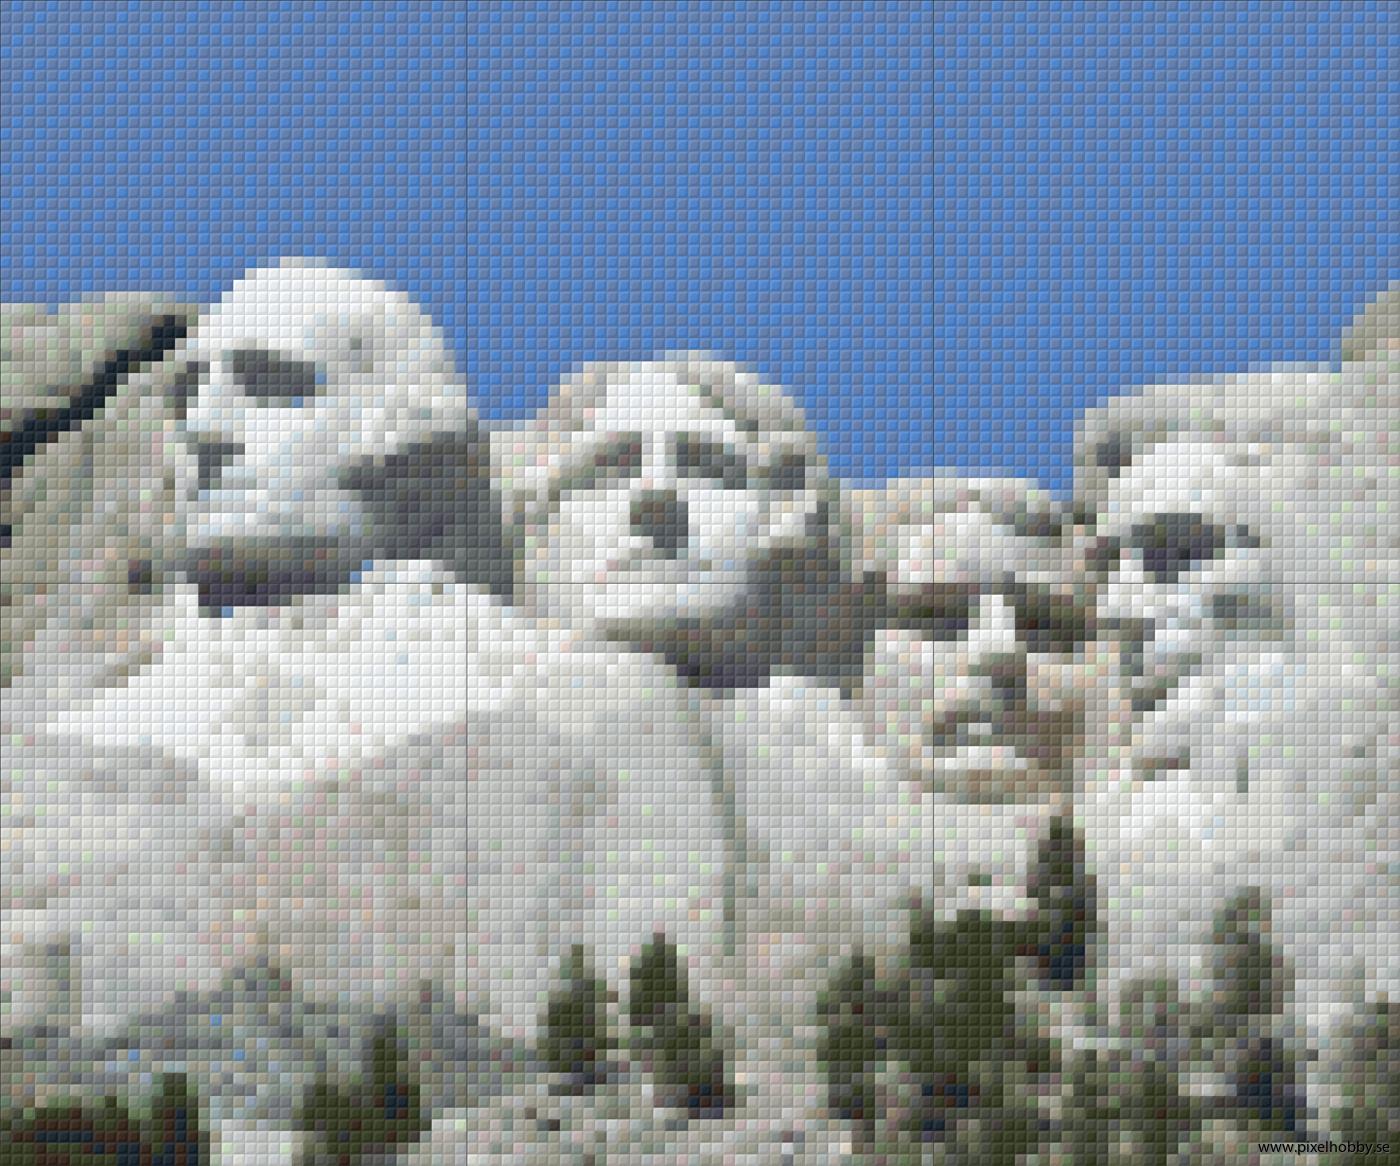 Mount Rushmore 6rbp